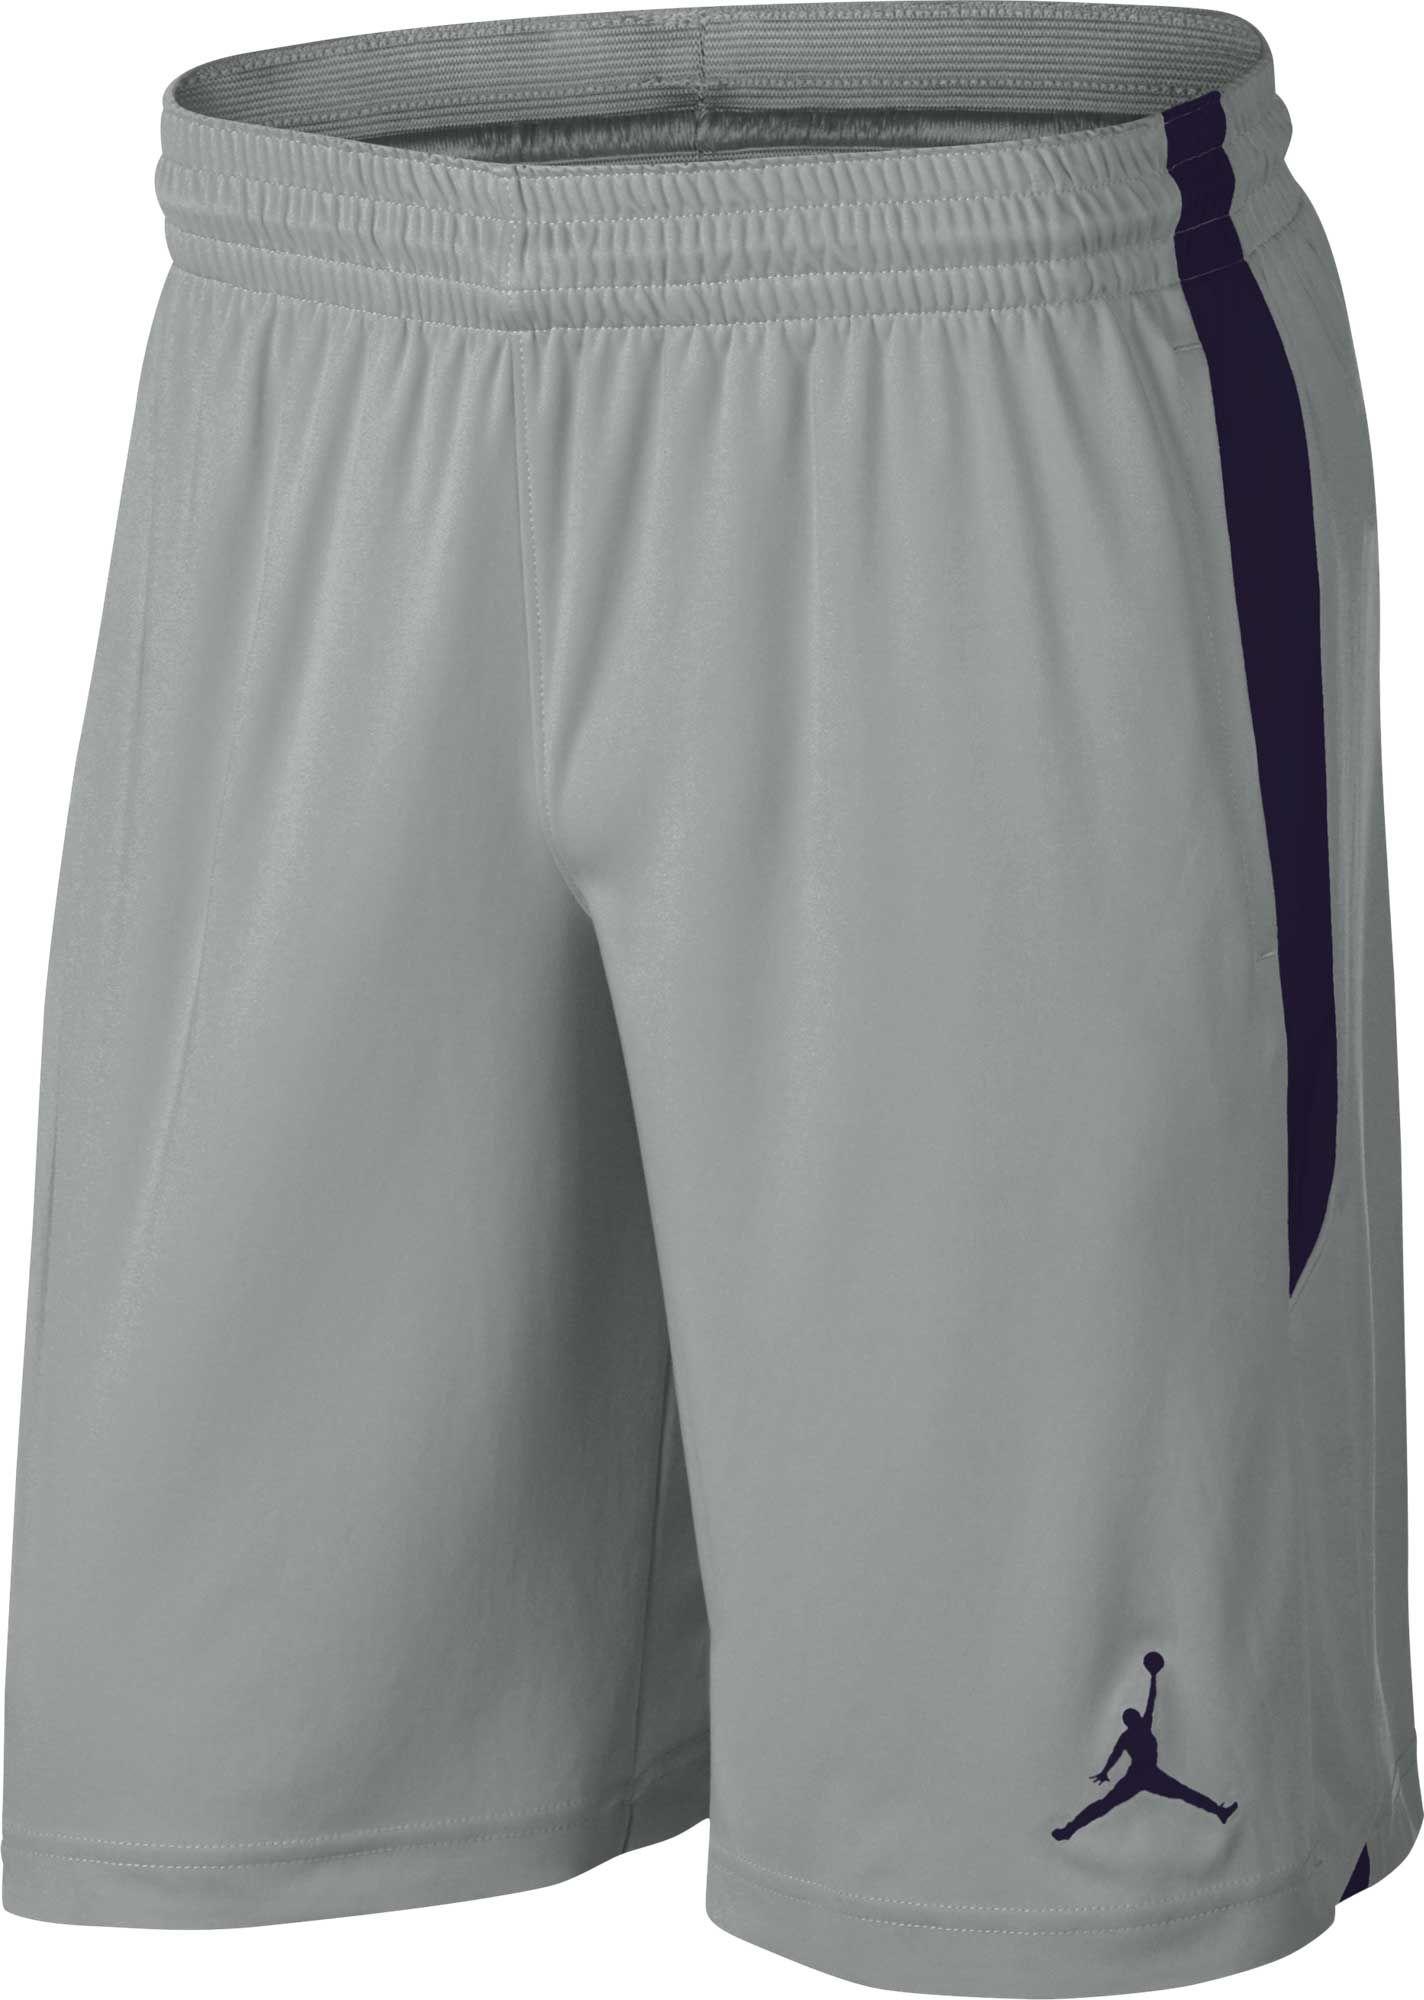 180e605e3201b Jordan Men's Dri-FIT 23 Alpha Training Shorts, Size: Medium, Light  Silver/Obsidian